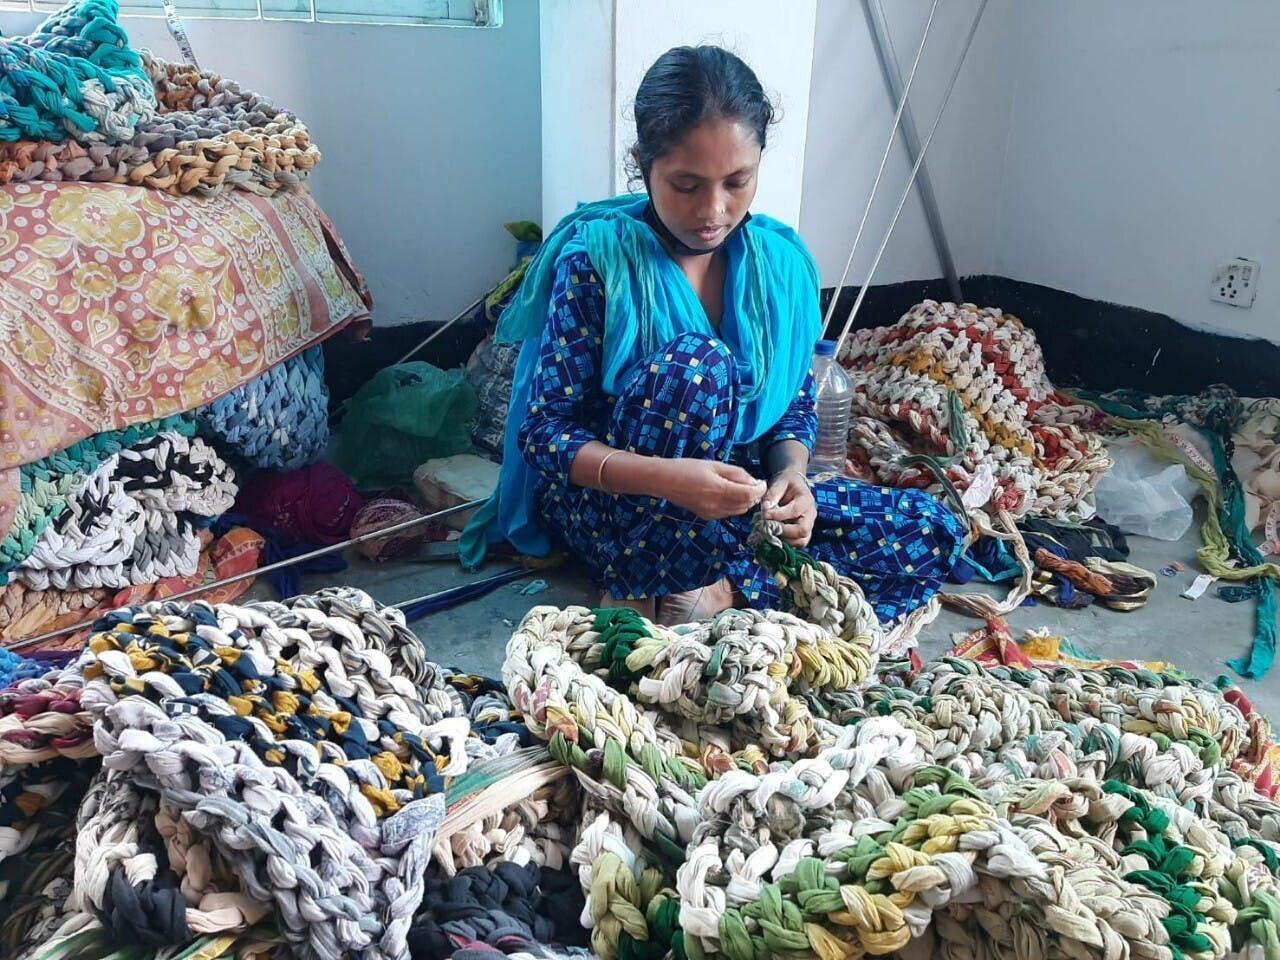 ダッカ近郊の工房にて。全てのモノが、人の手によって作られる。